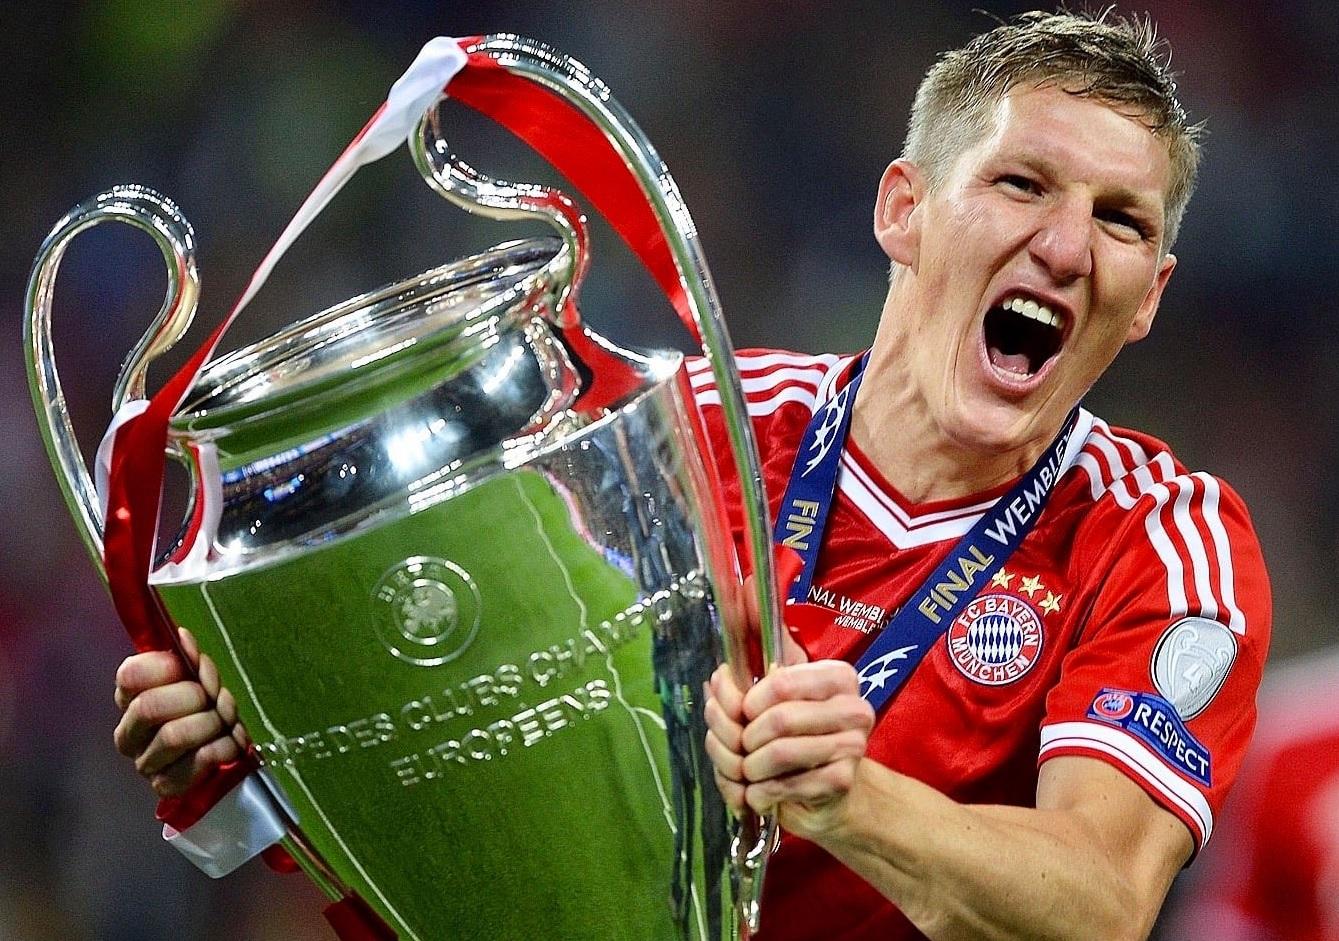 AUGURI - Bastian Schweinsteiger, nato per vincere